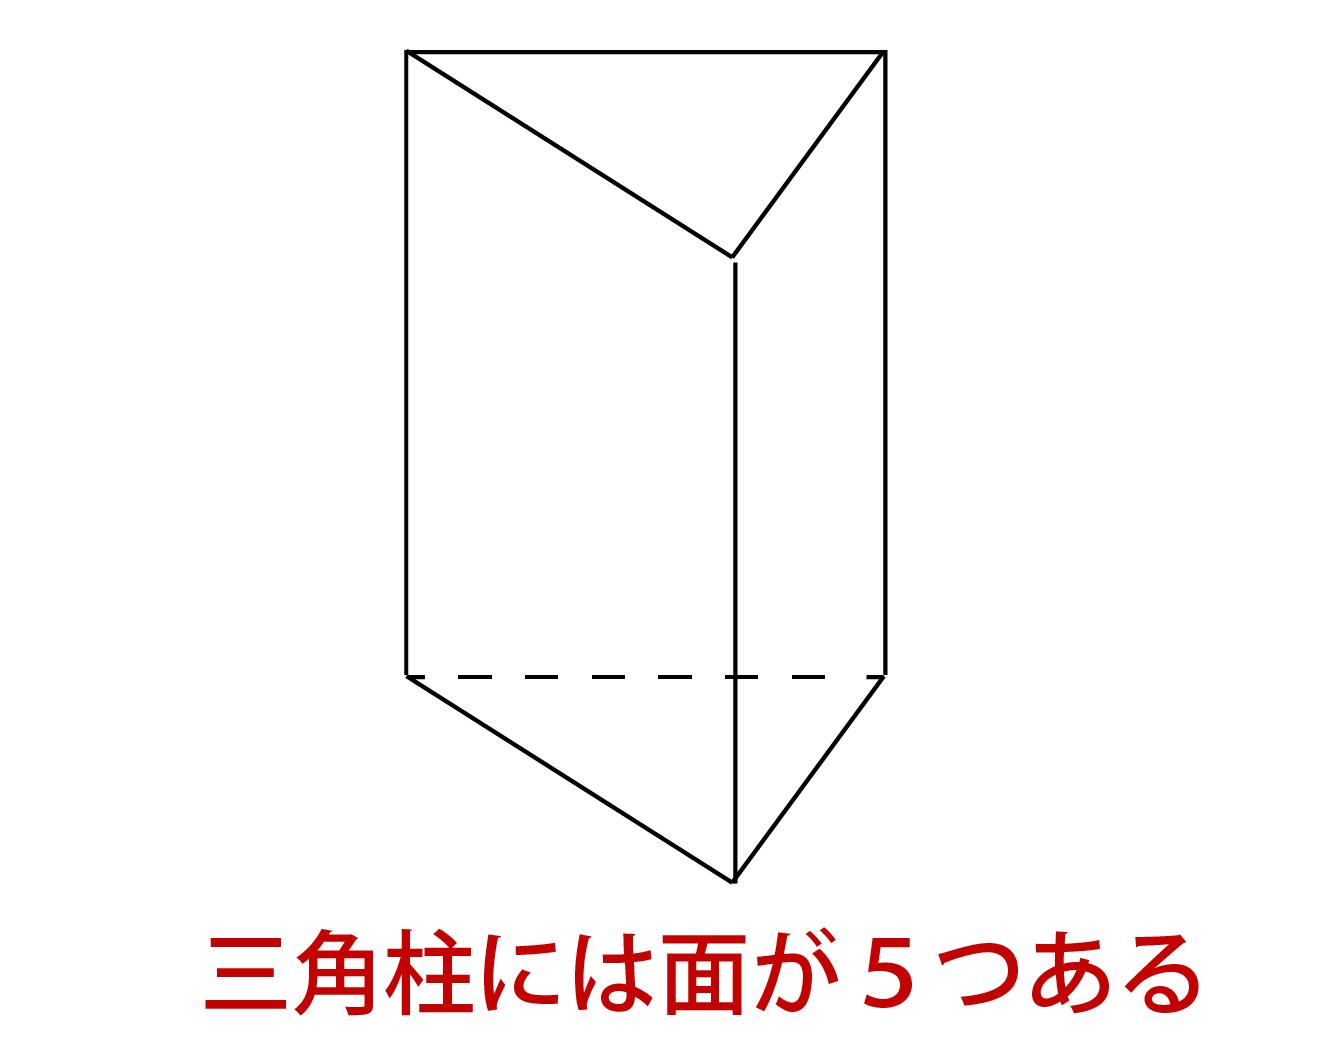 三角柱の面の個数